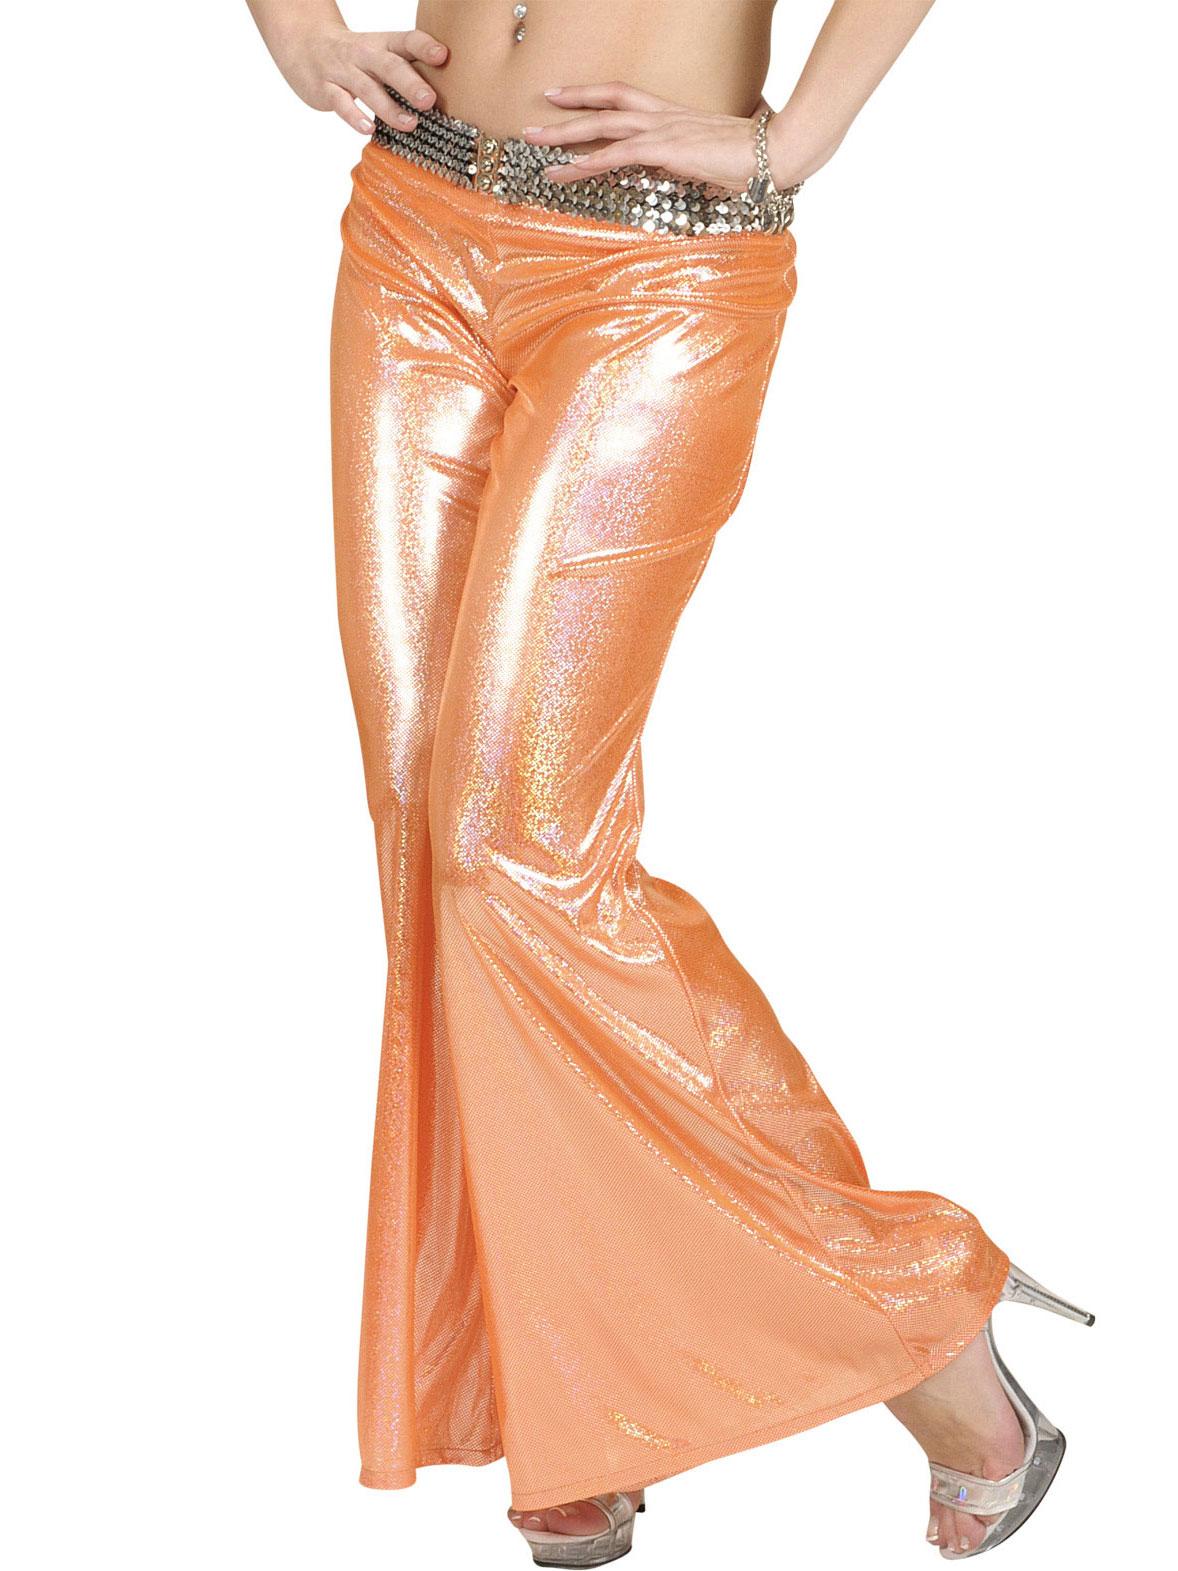 70er disco glitzer schlaghose damen orange g nstige faschings kost me bei karneval megastore. Black Bedroom Furniture Sets. Home Design Ideas